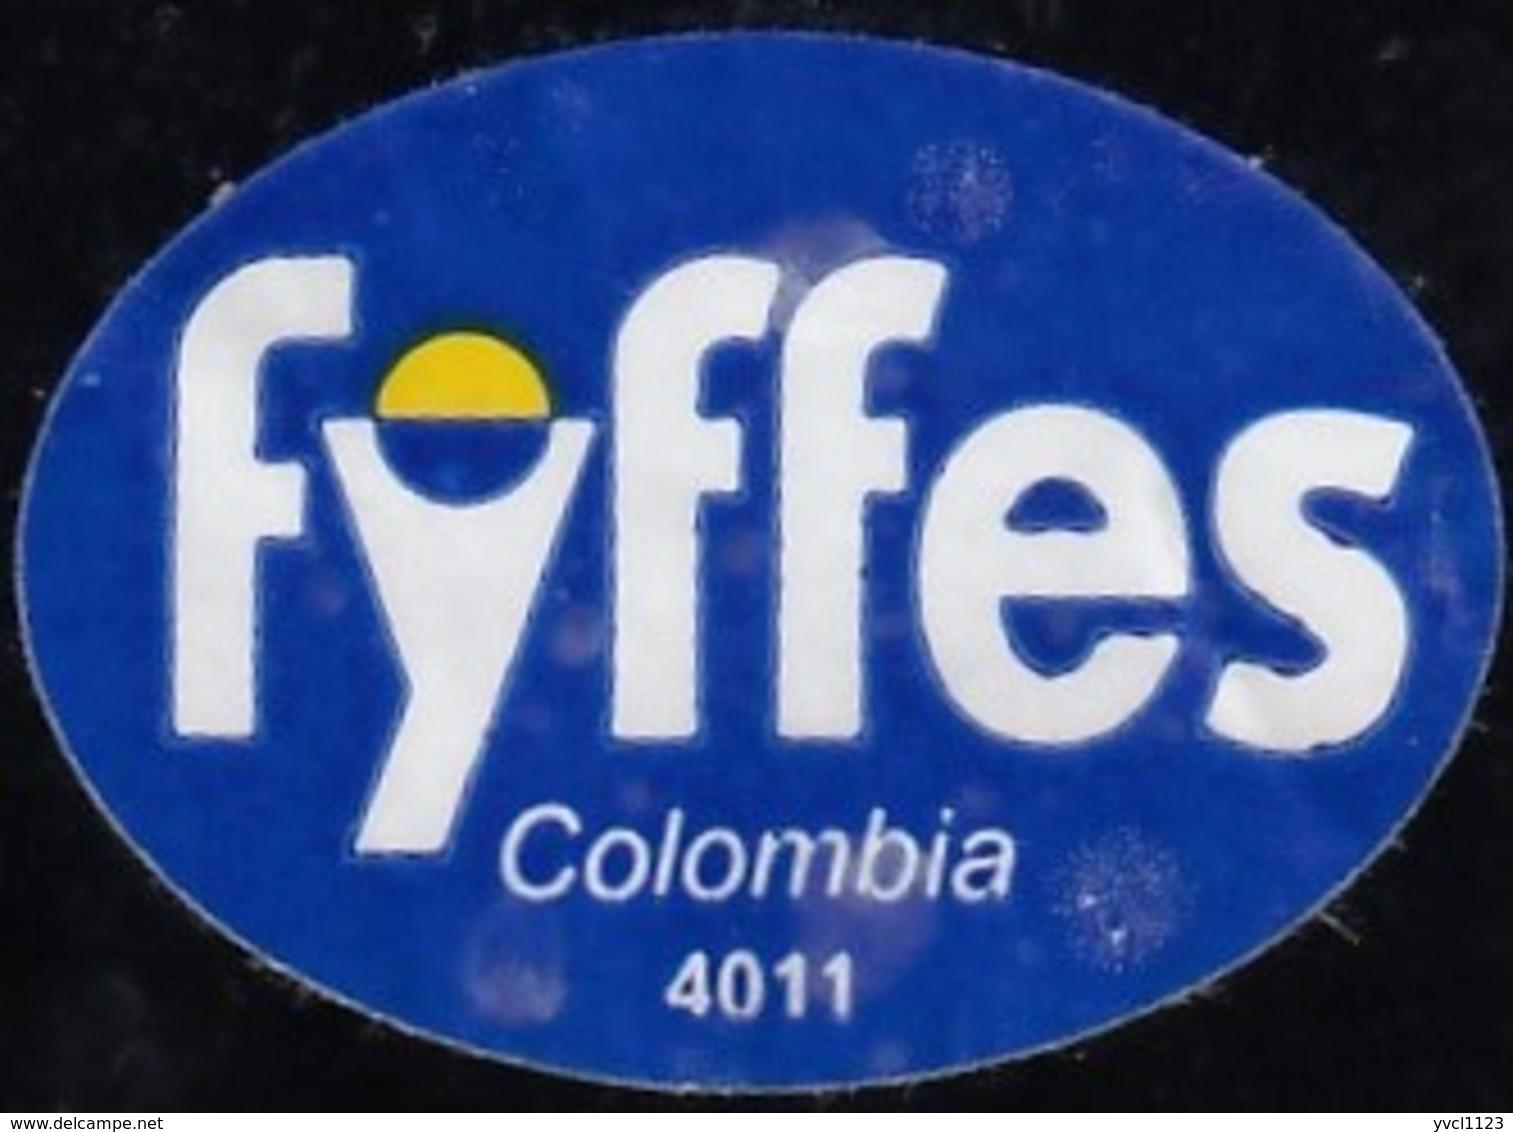 Fruits & Vegetables -  Fyffes Colombia (FL4011-11) - Fruits & Vegetables